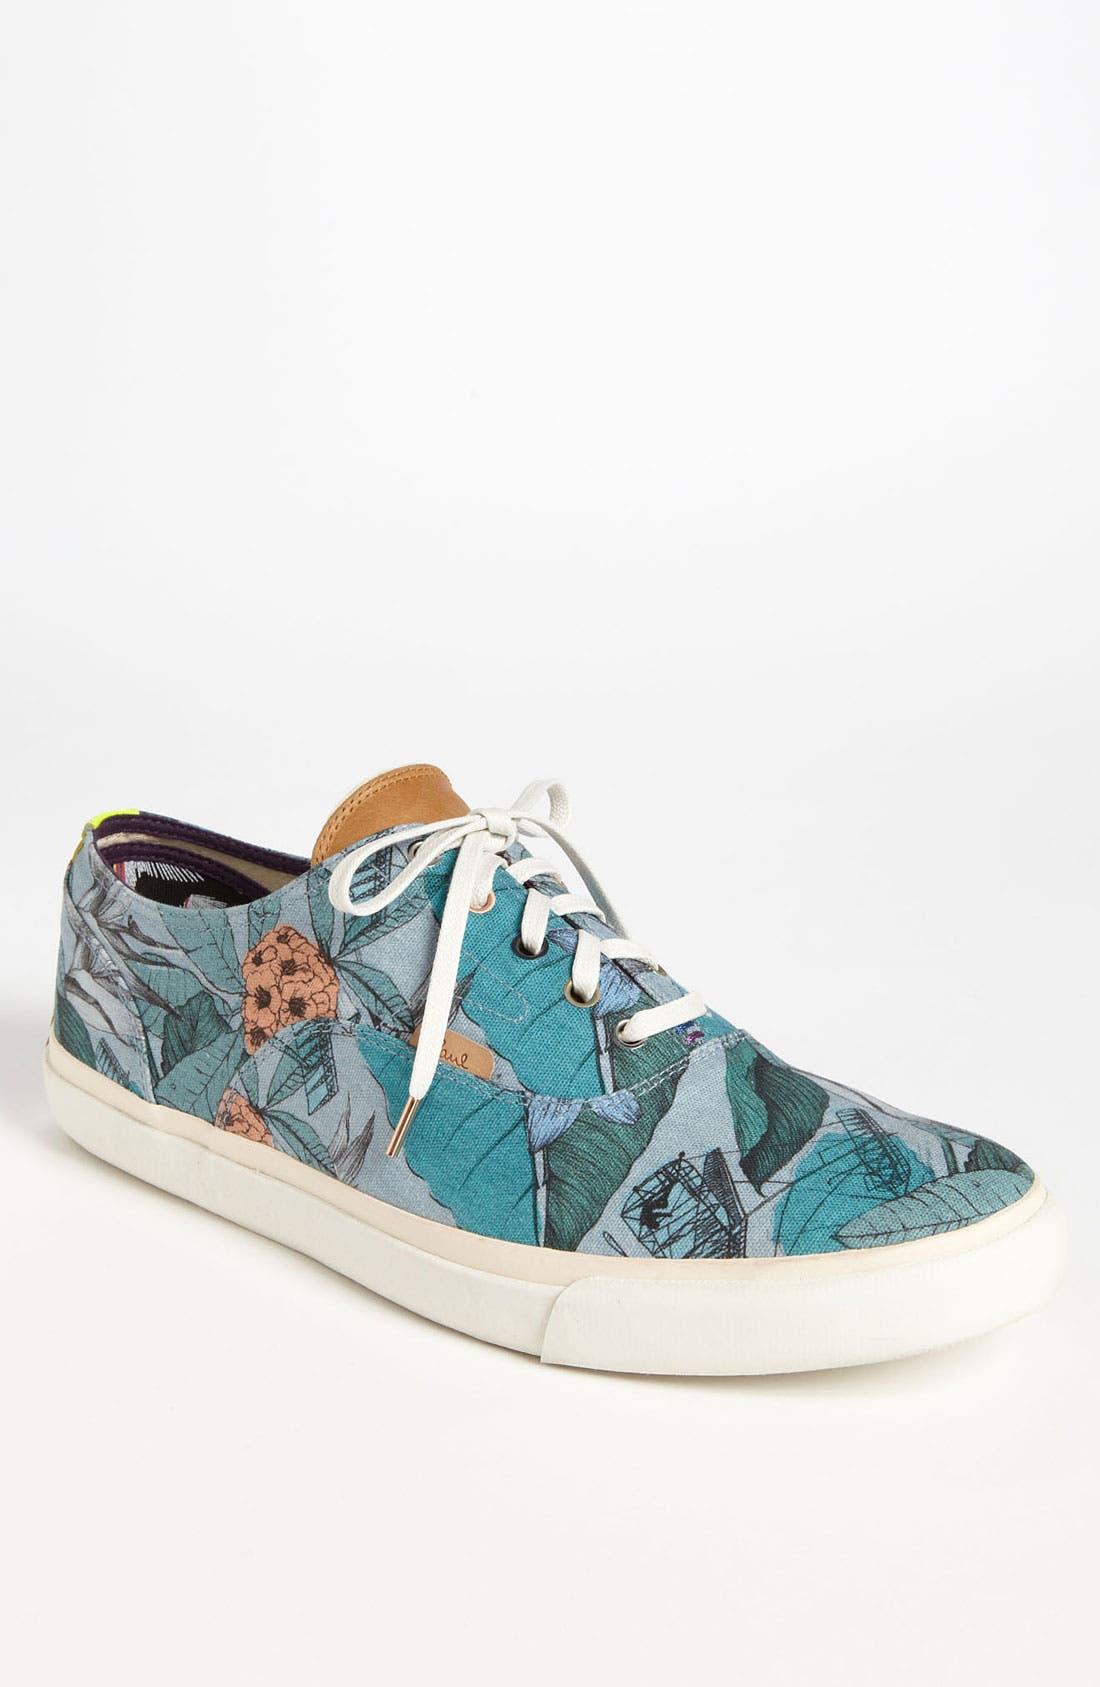 Main Image - Paul Smith 'Balfour' Print Sneaker